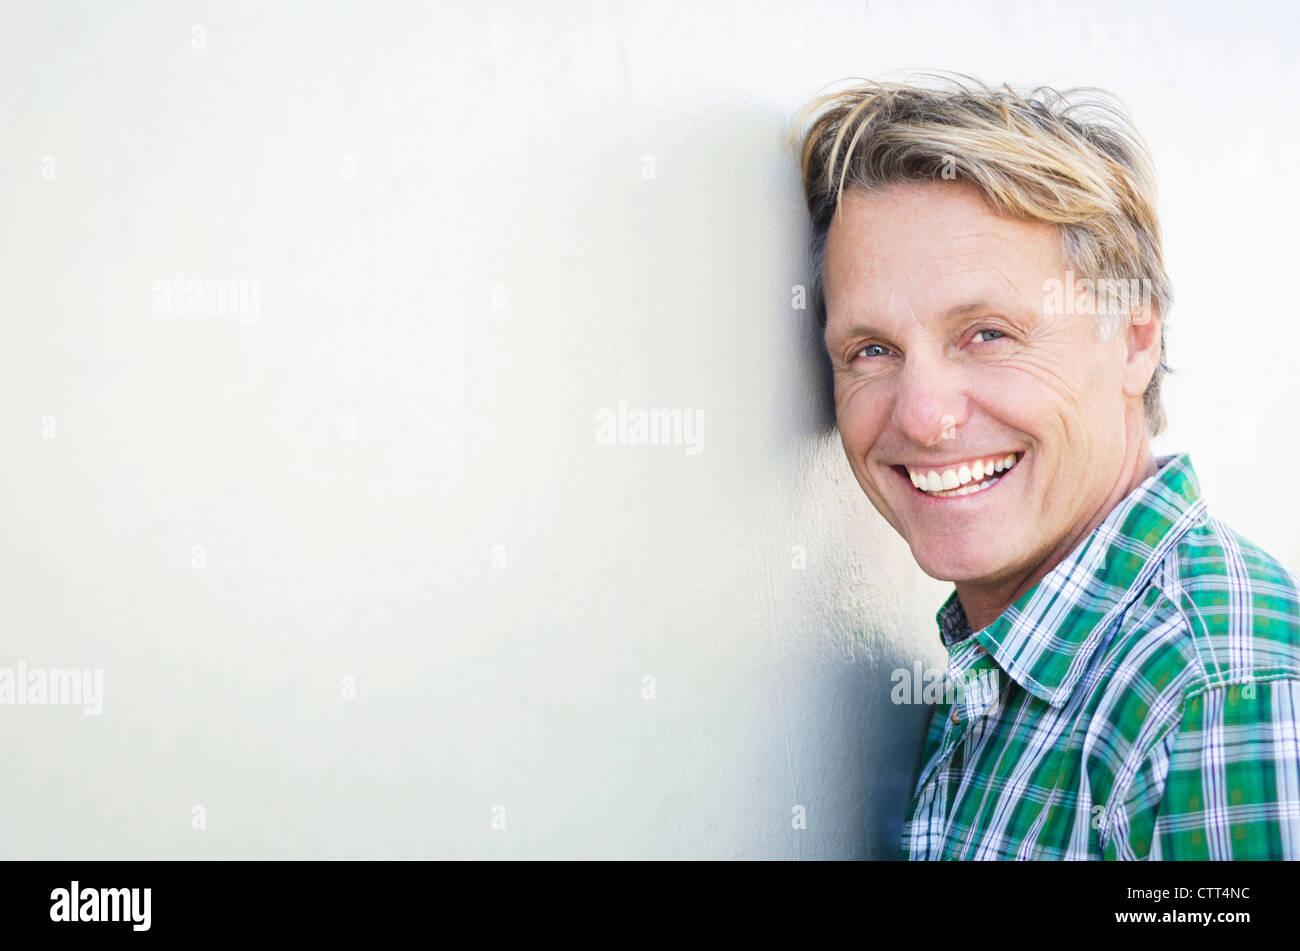 Glücklich Lächelnd Reifen Mann In Den Vierzigern Mit Blonden Haaren